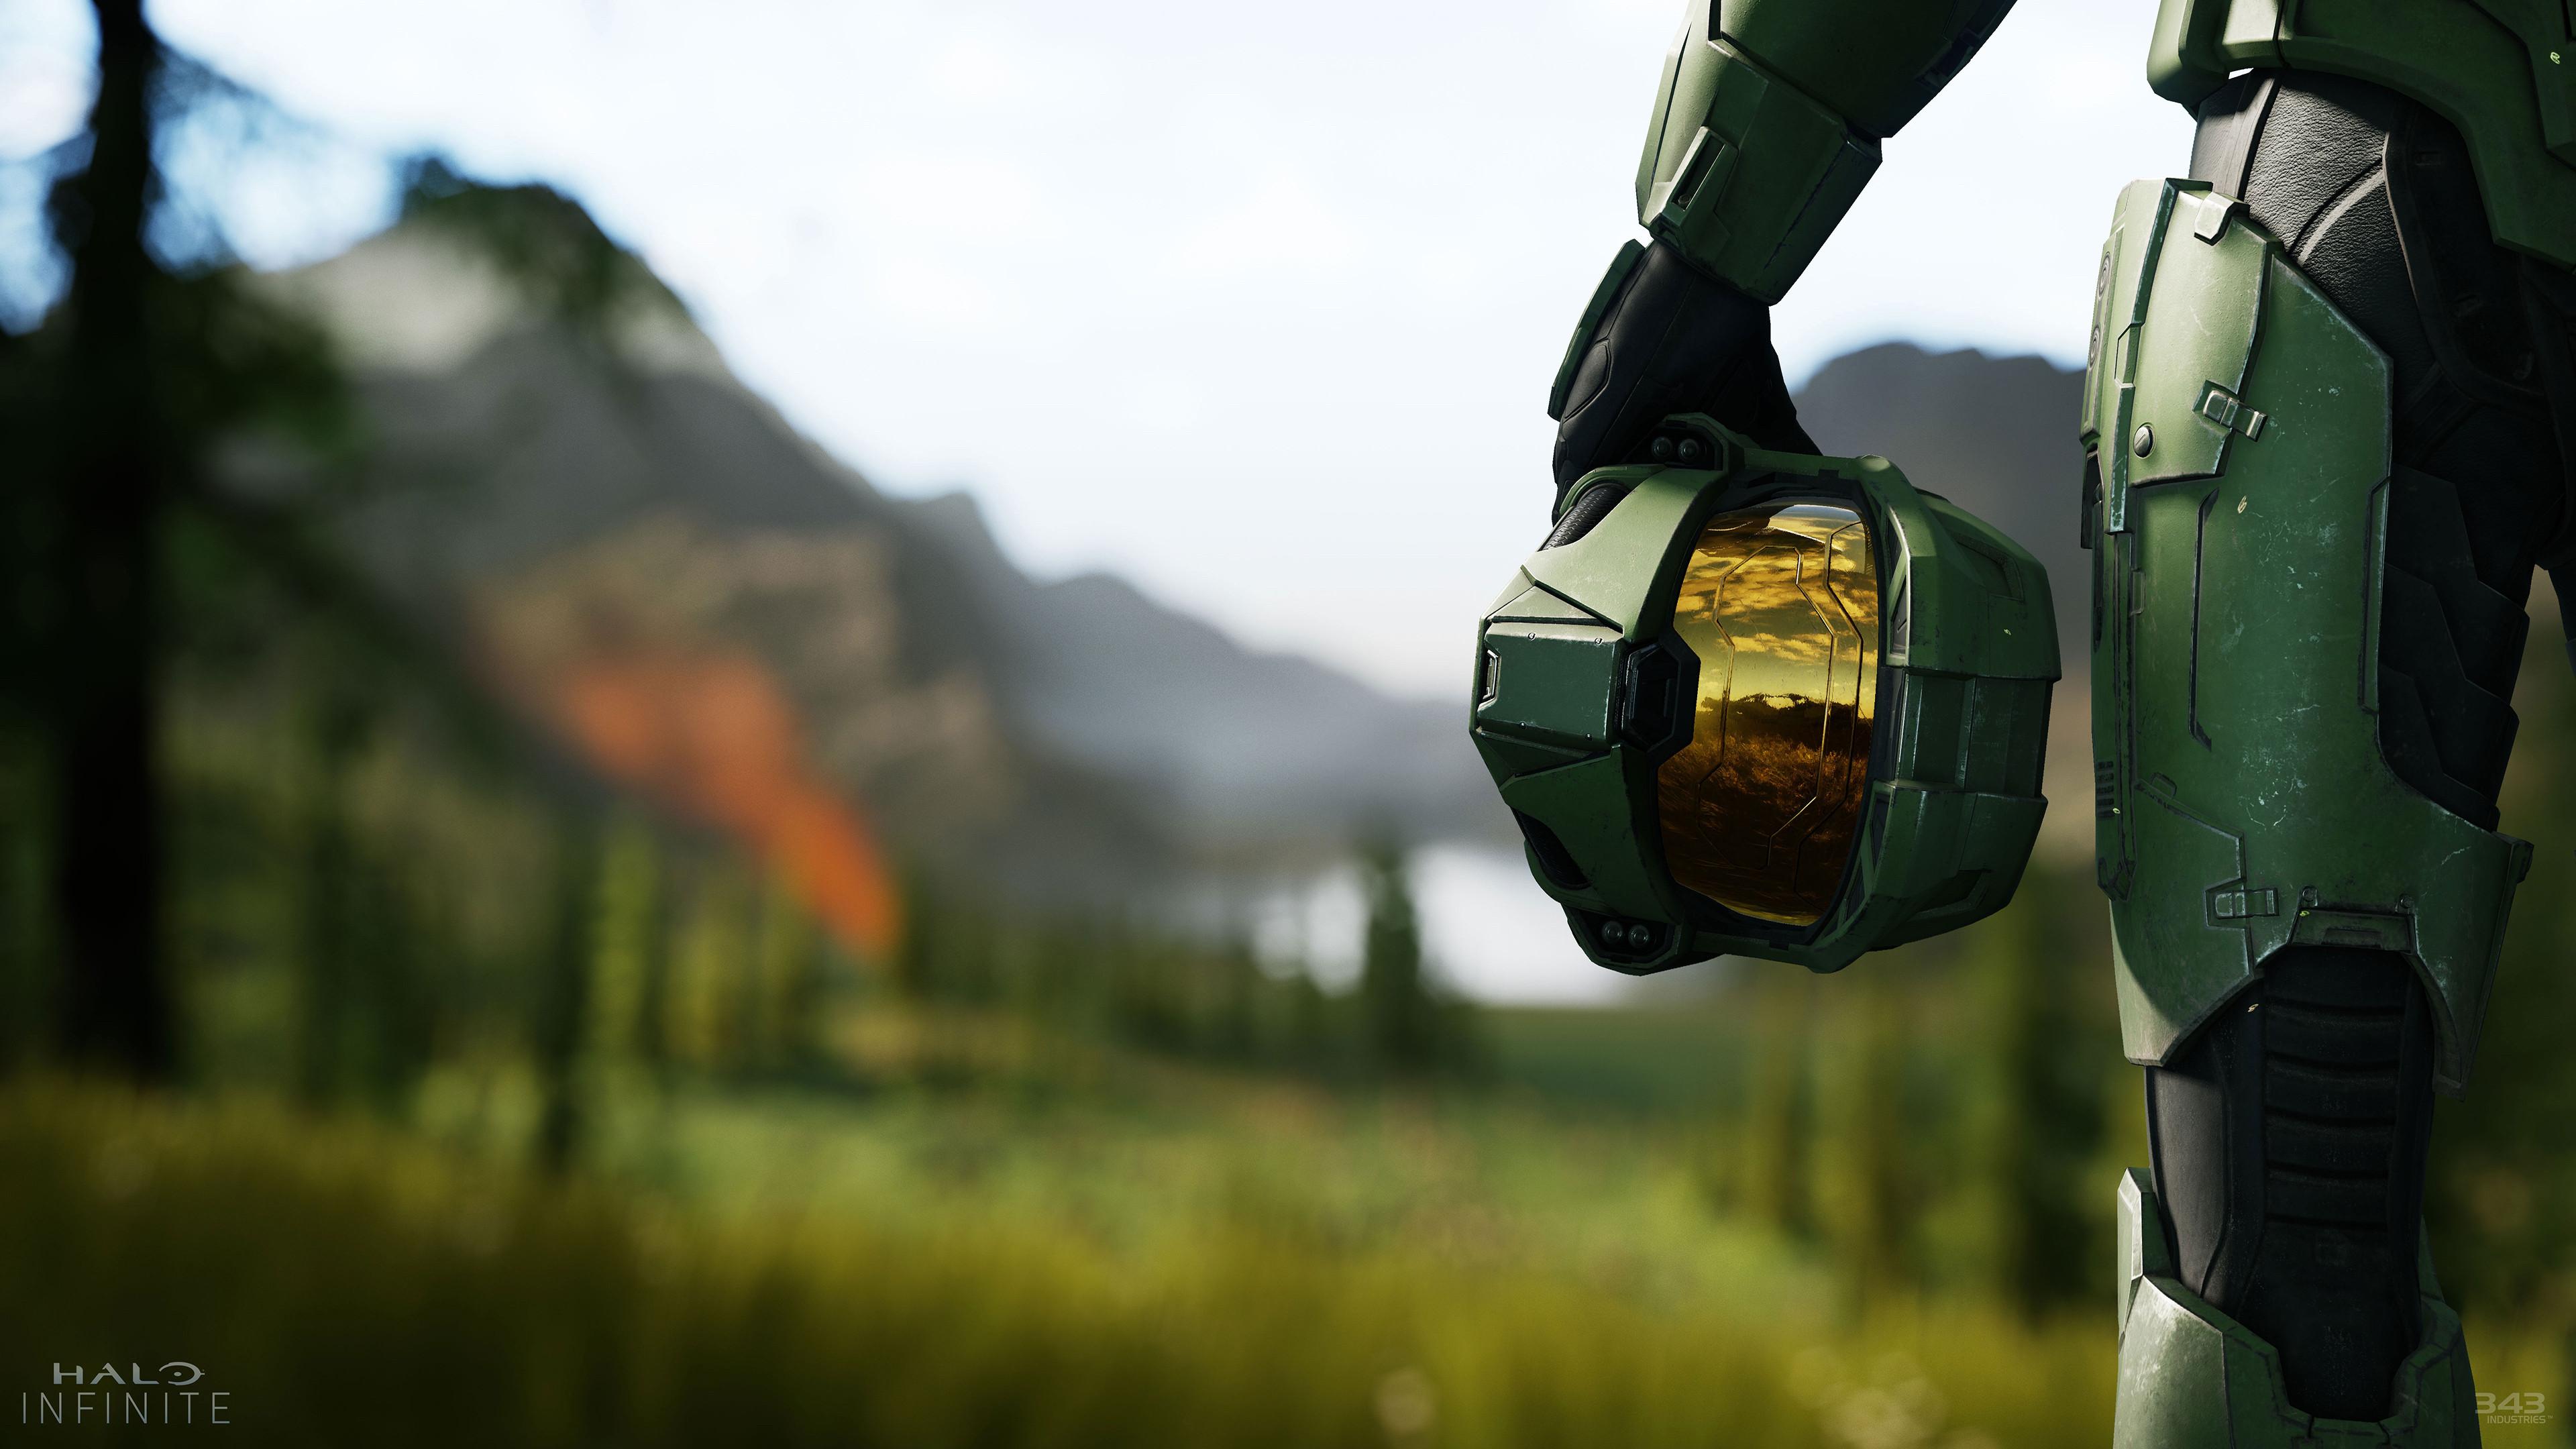 استودیوی کمک دهنده در ساخت انیمیشنهای Mass Effect Andromeda، در توسعه Halo Infinite نقش خواهد داشت